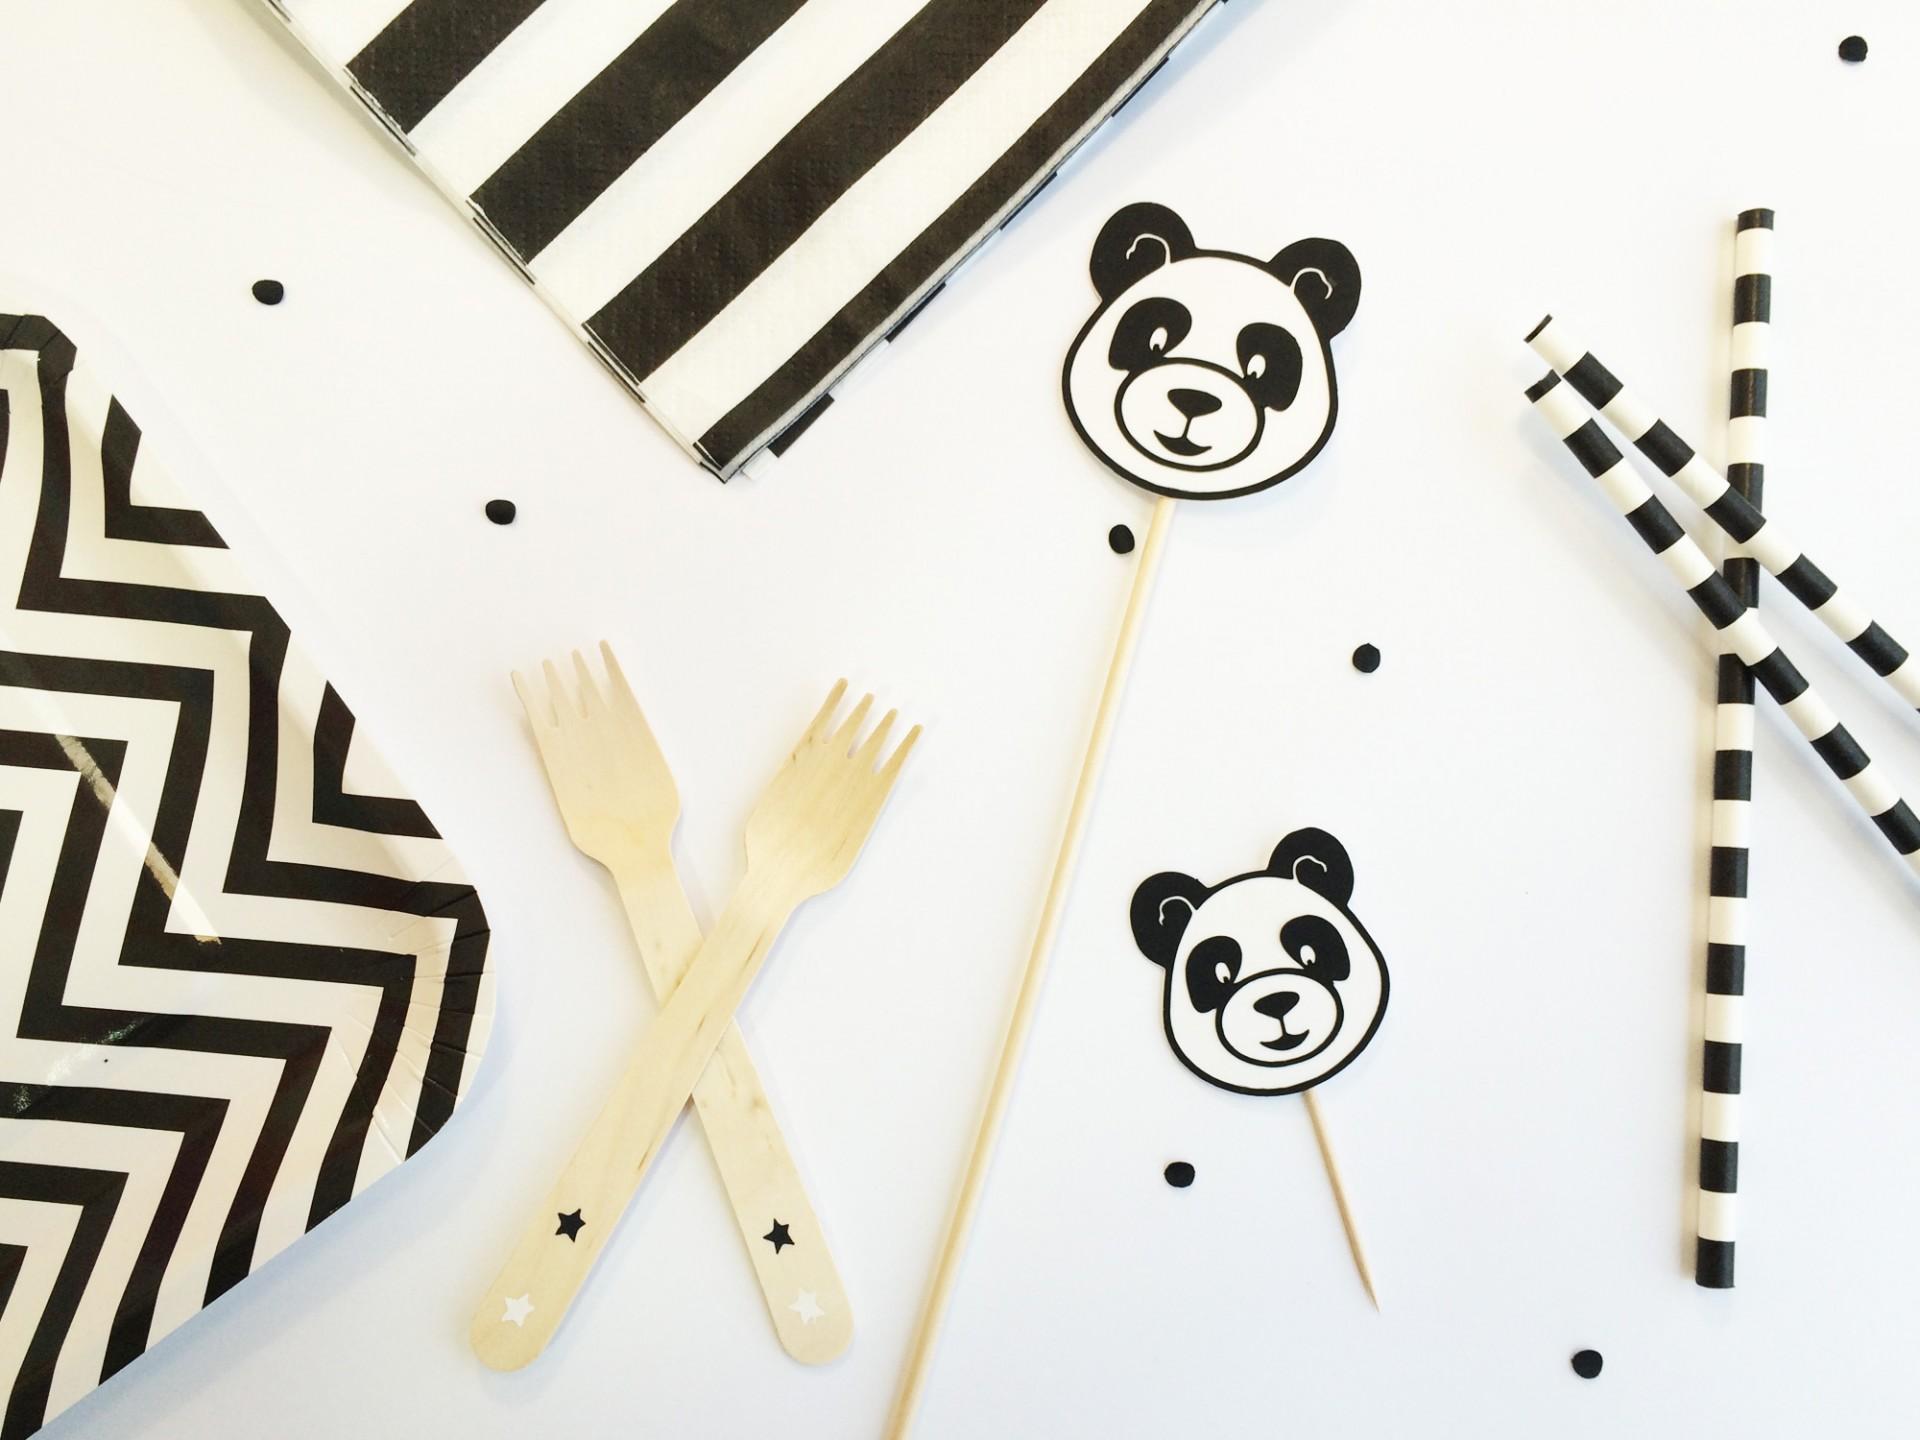 Salvem os PANDAS!